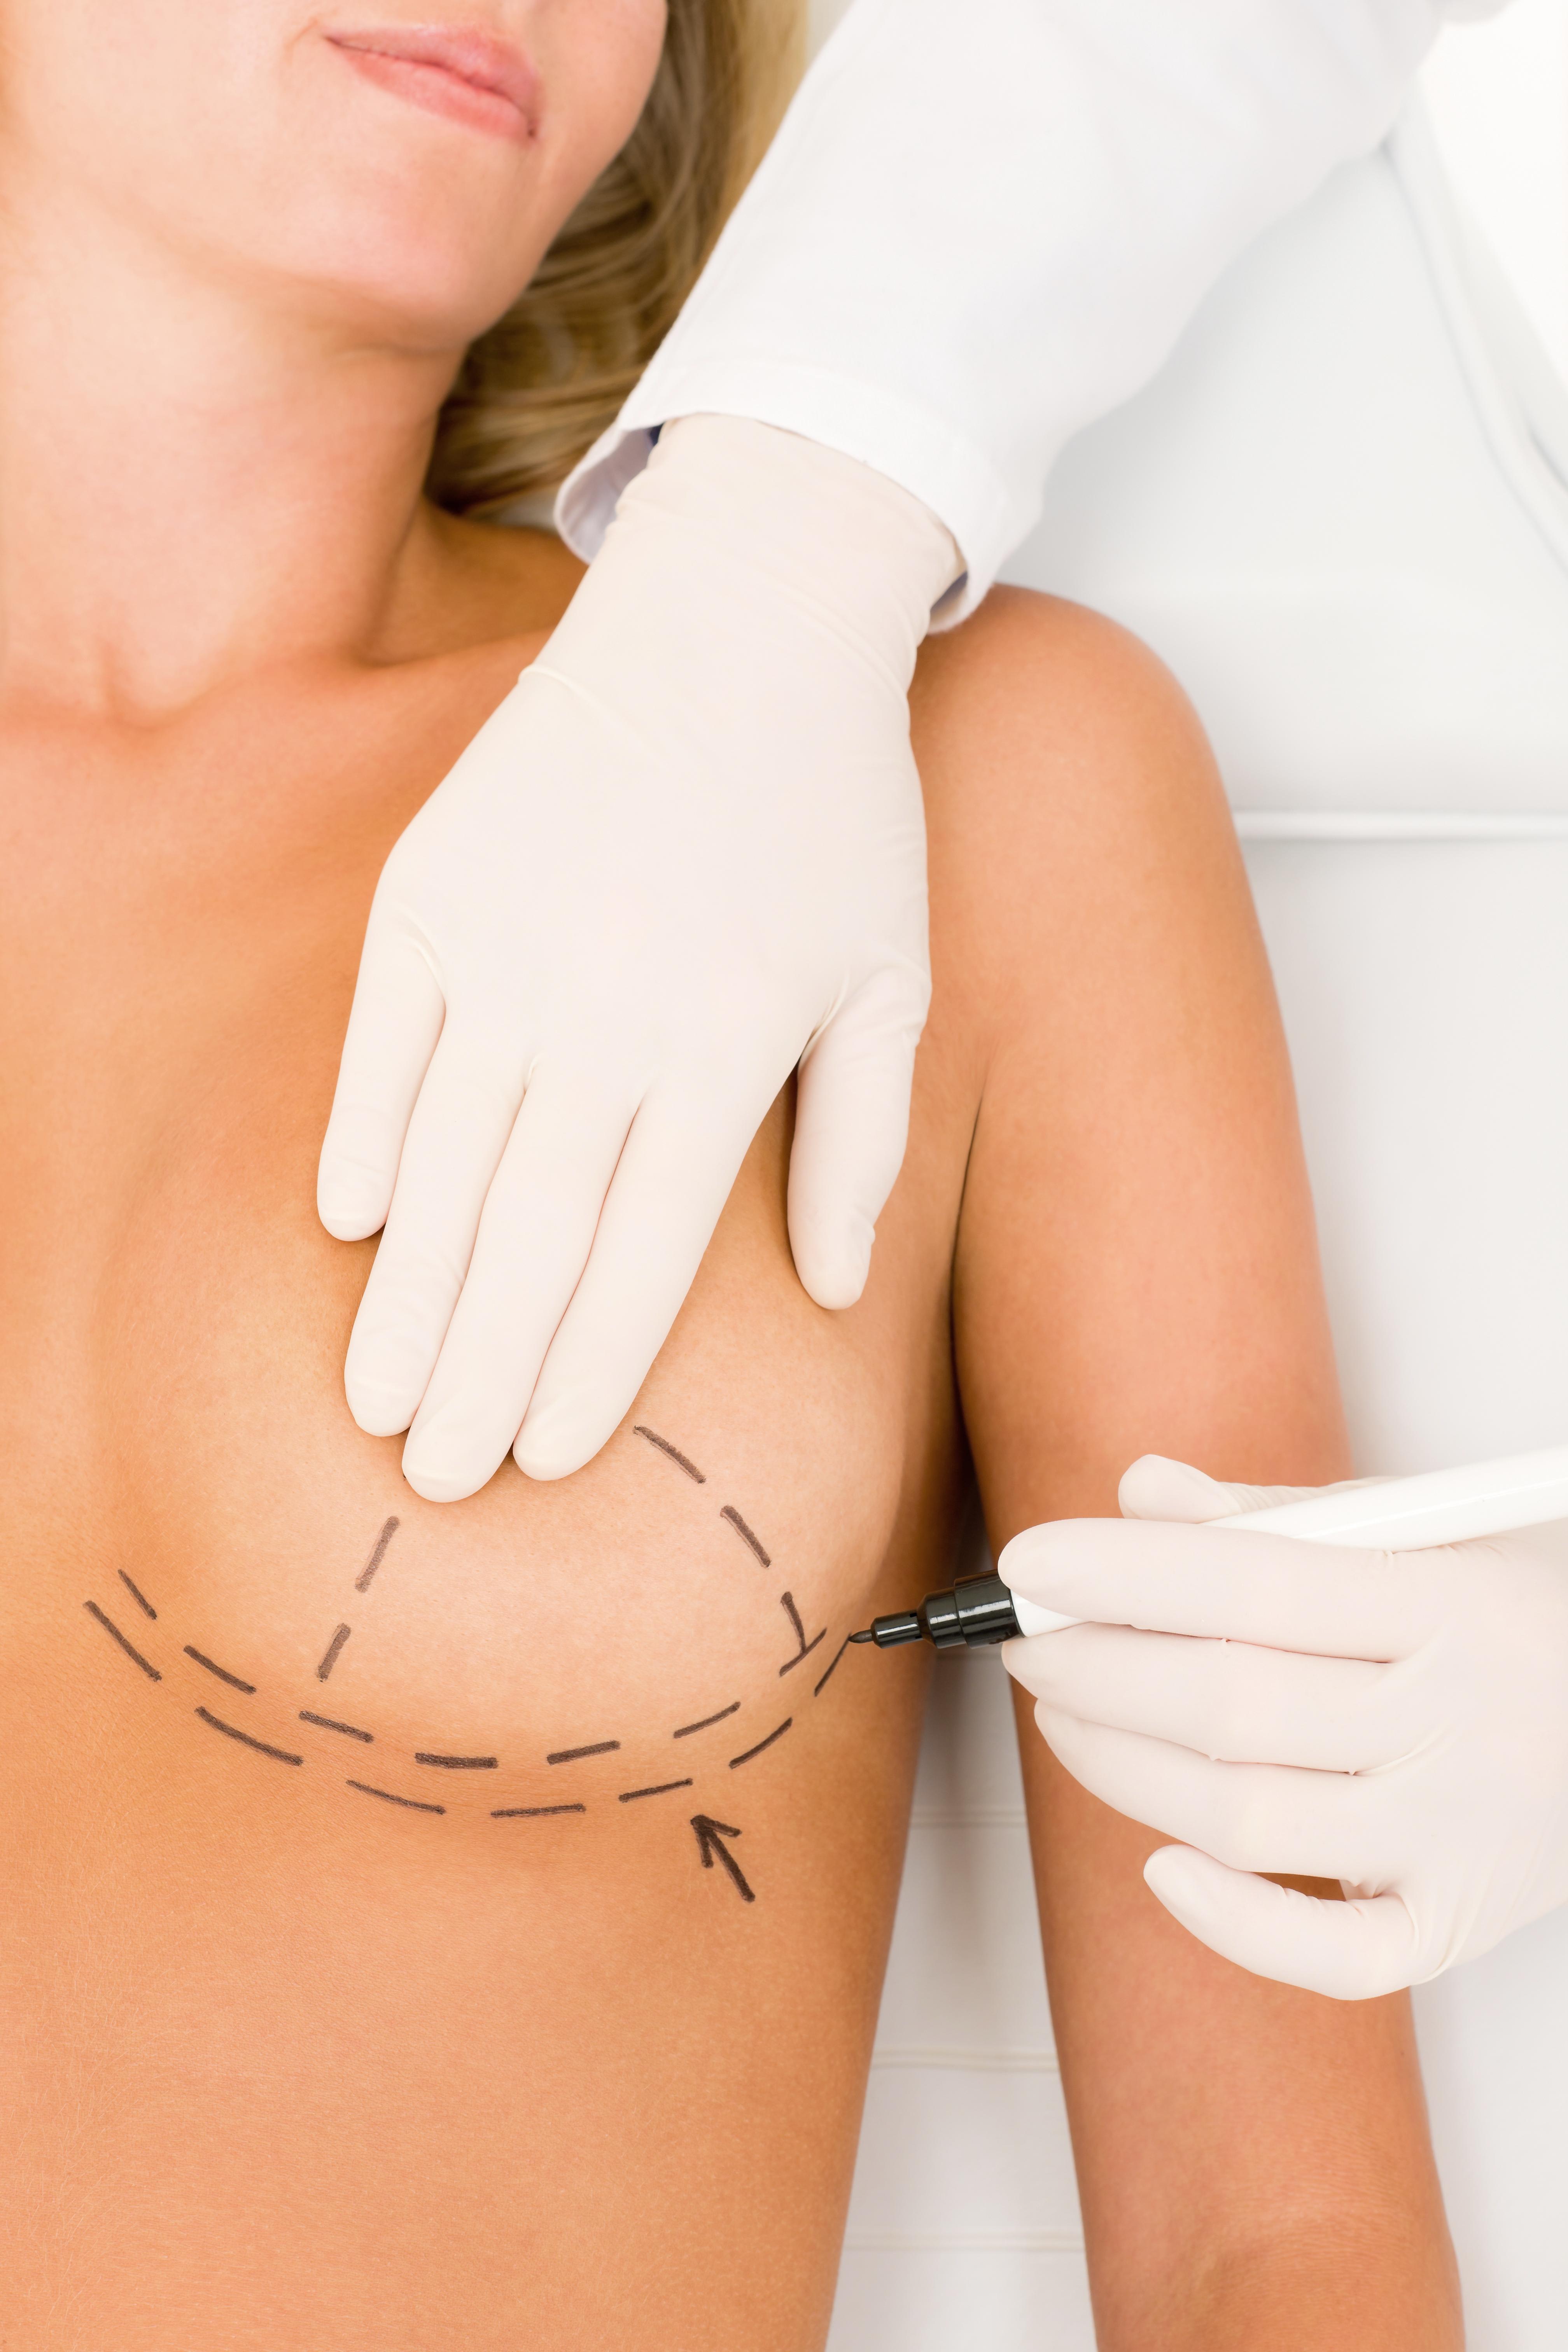 Увеличение груди без хирургии 10 фотография